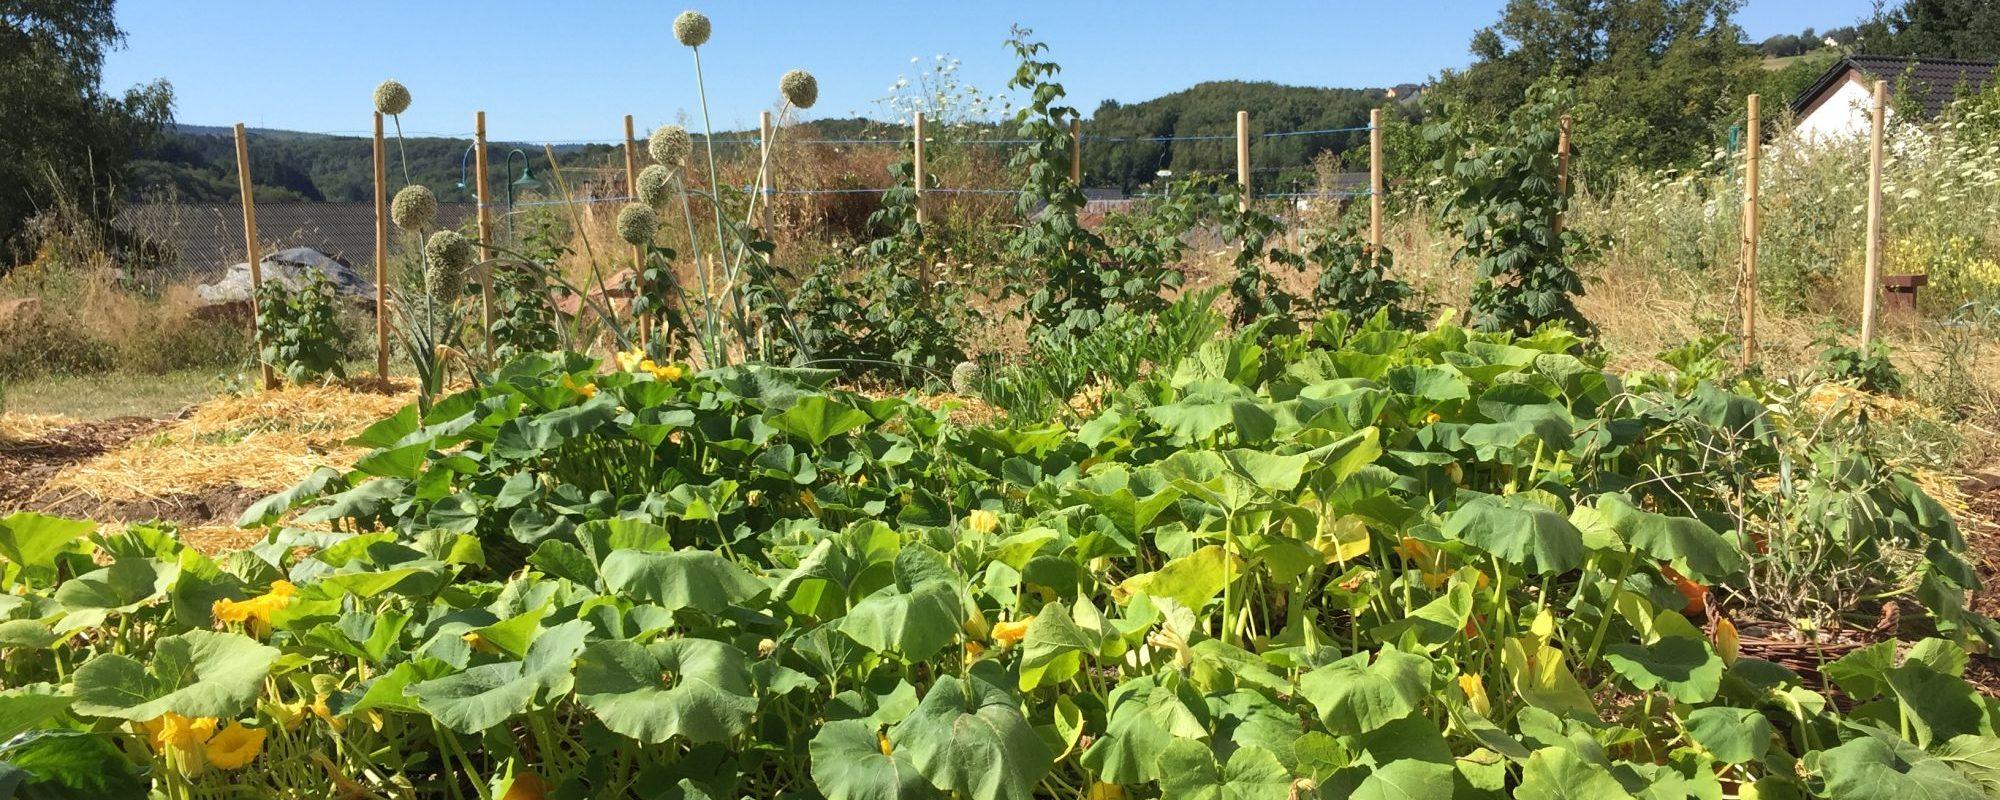 Der Gemüsegarten basiert auf dem Prinzip der Permakultur